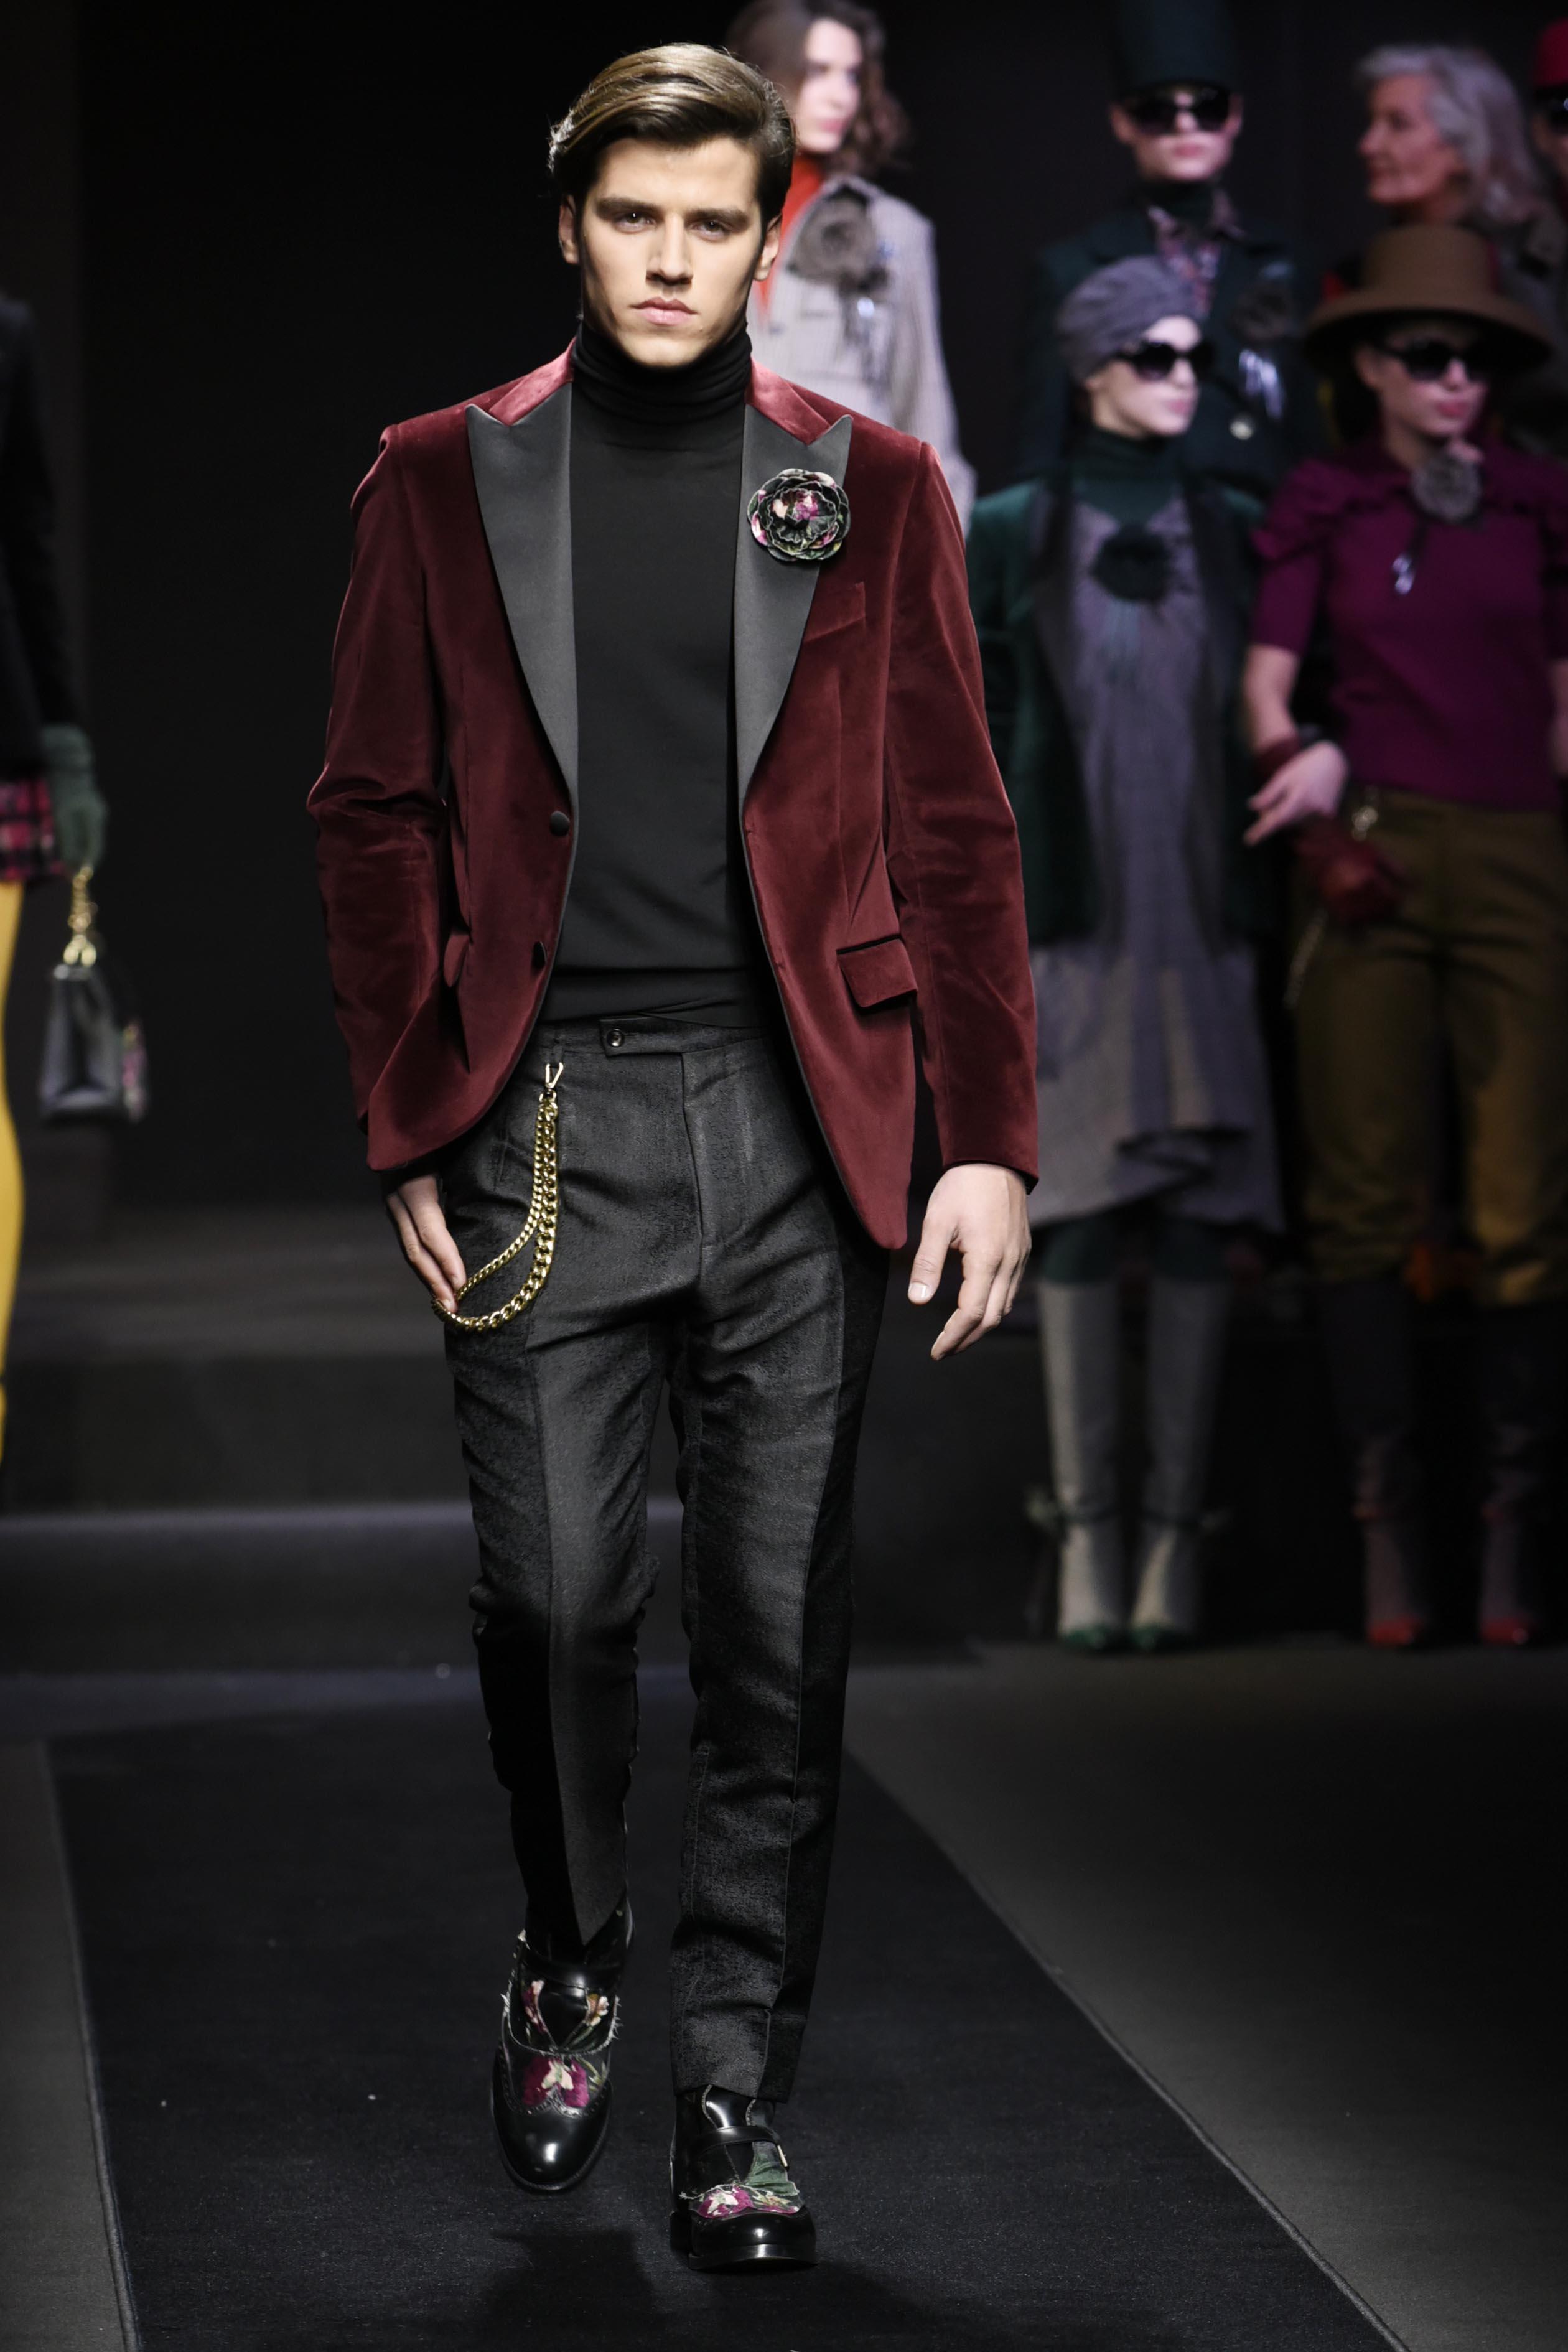 Gallery Milan Men S Fashion Week Autumn Winter 2018 19 Wtgs